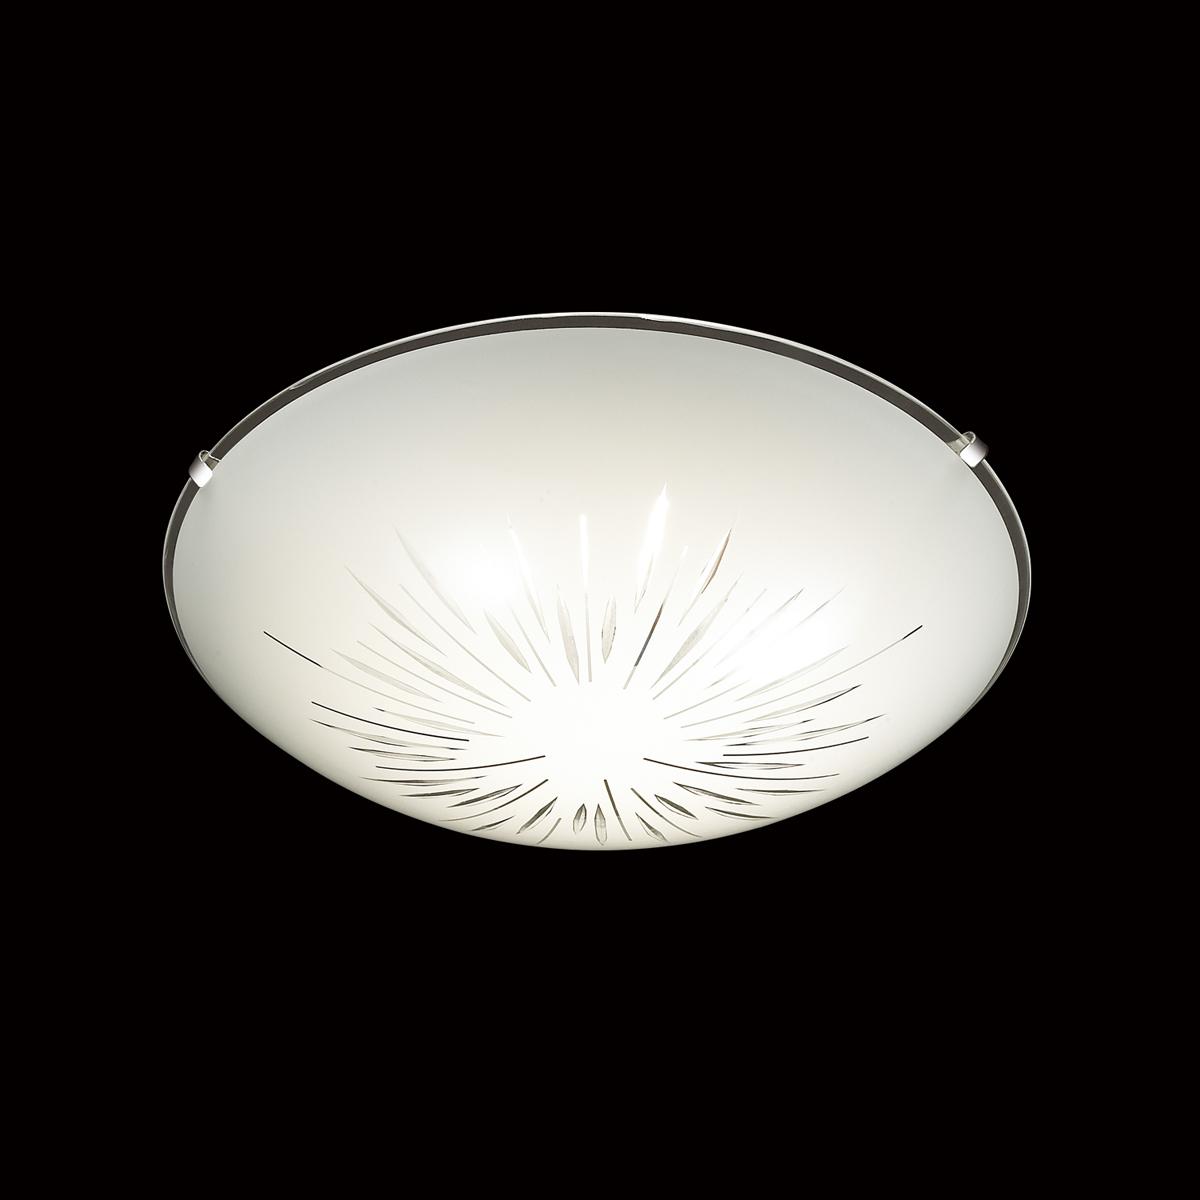 Потолочный светодиодный светильник Sonex Lukka 2064/DL, LED 48W, хром, матовый, прозрачный, металл, стекло - фото 4